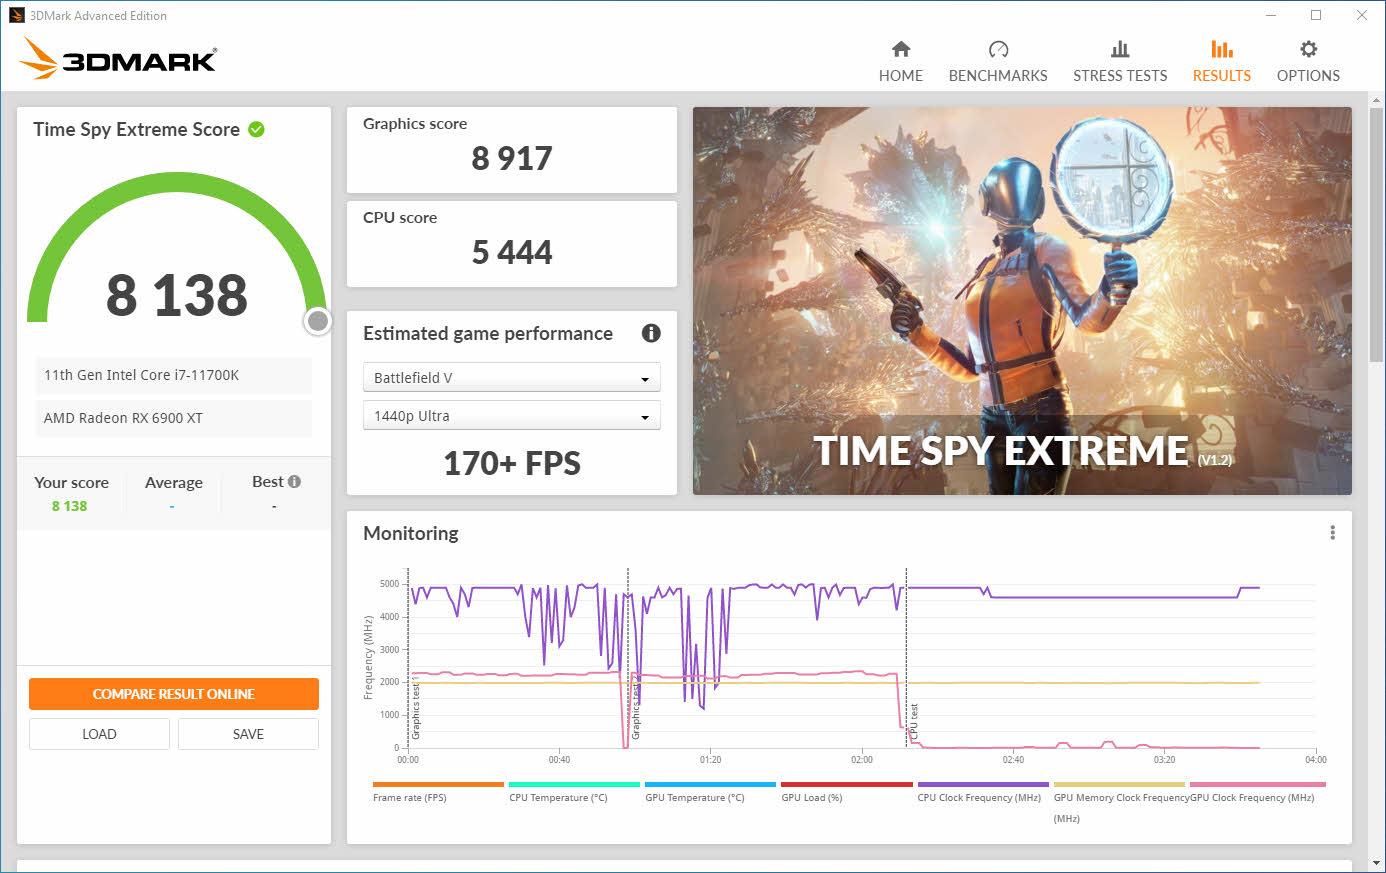 intel-core-i7-11700k-rocket-lake-8-core-desktop-cpu-_21